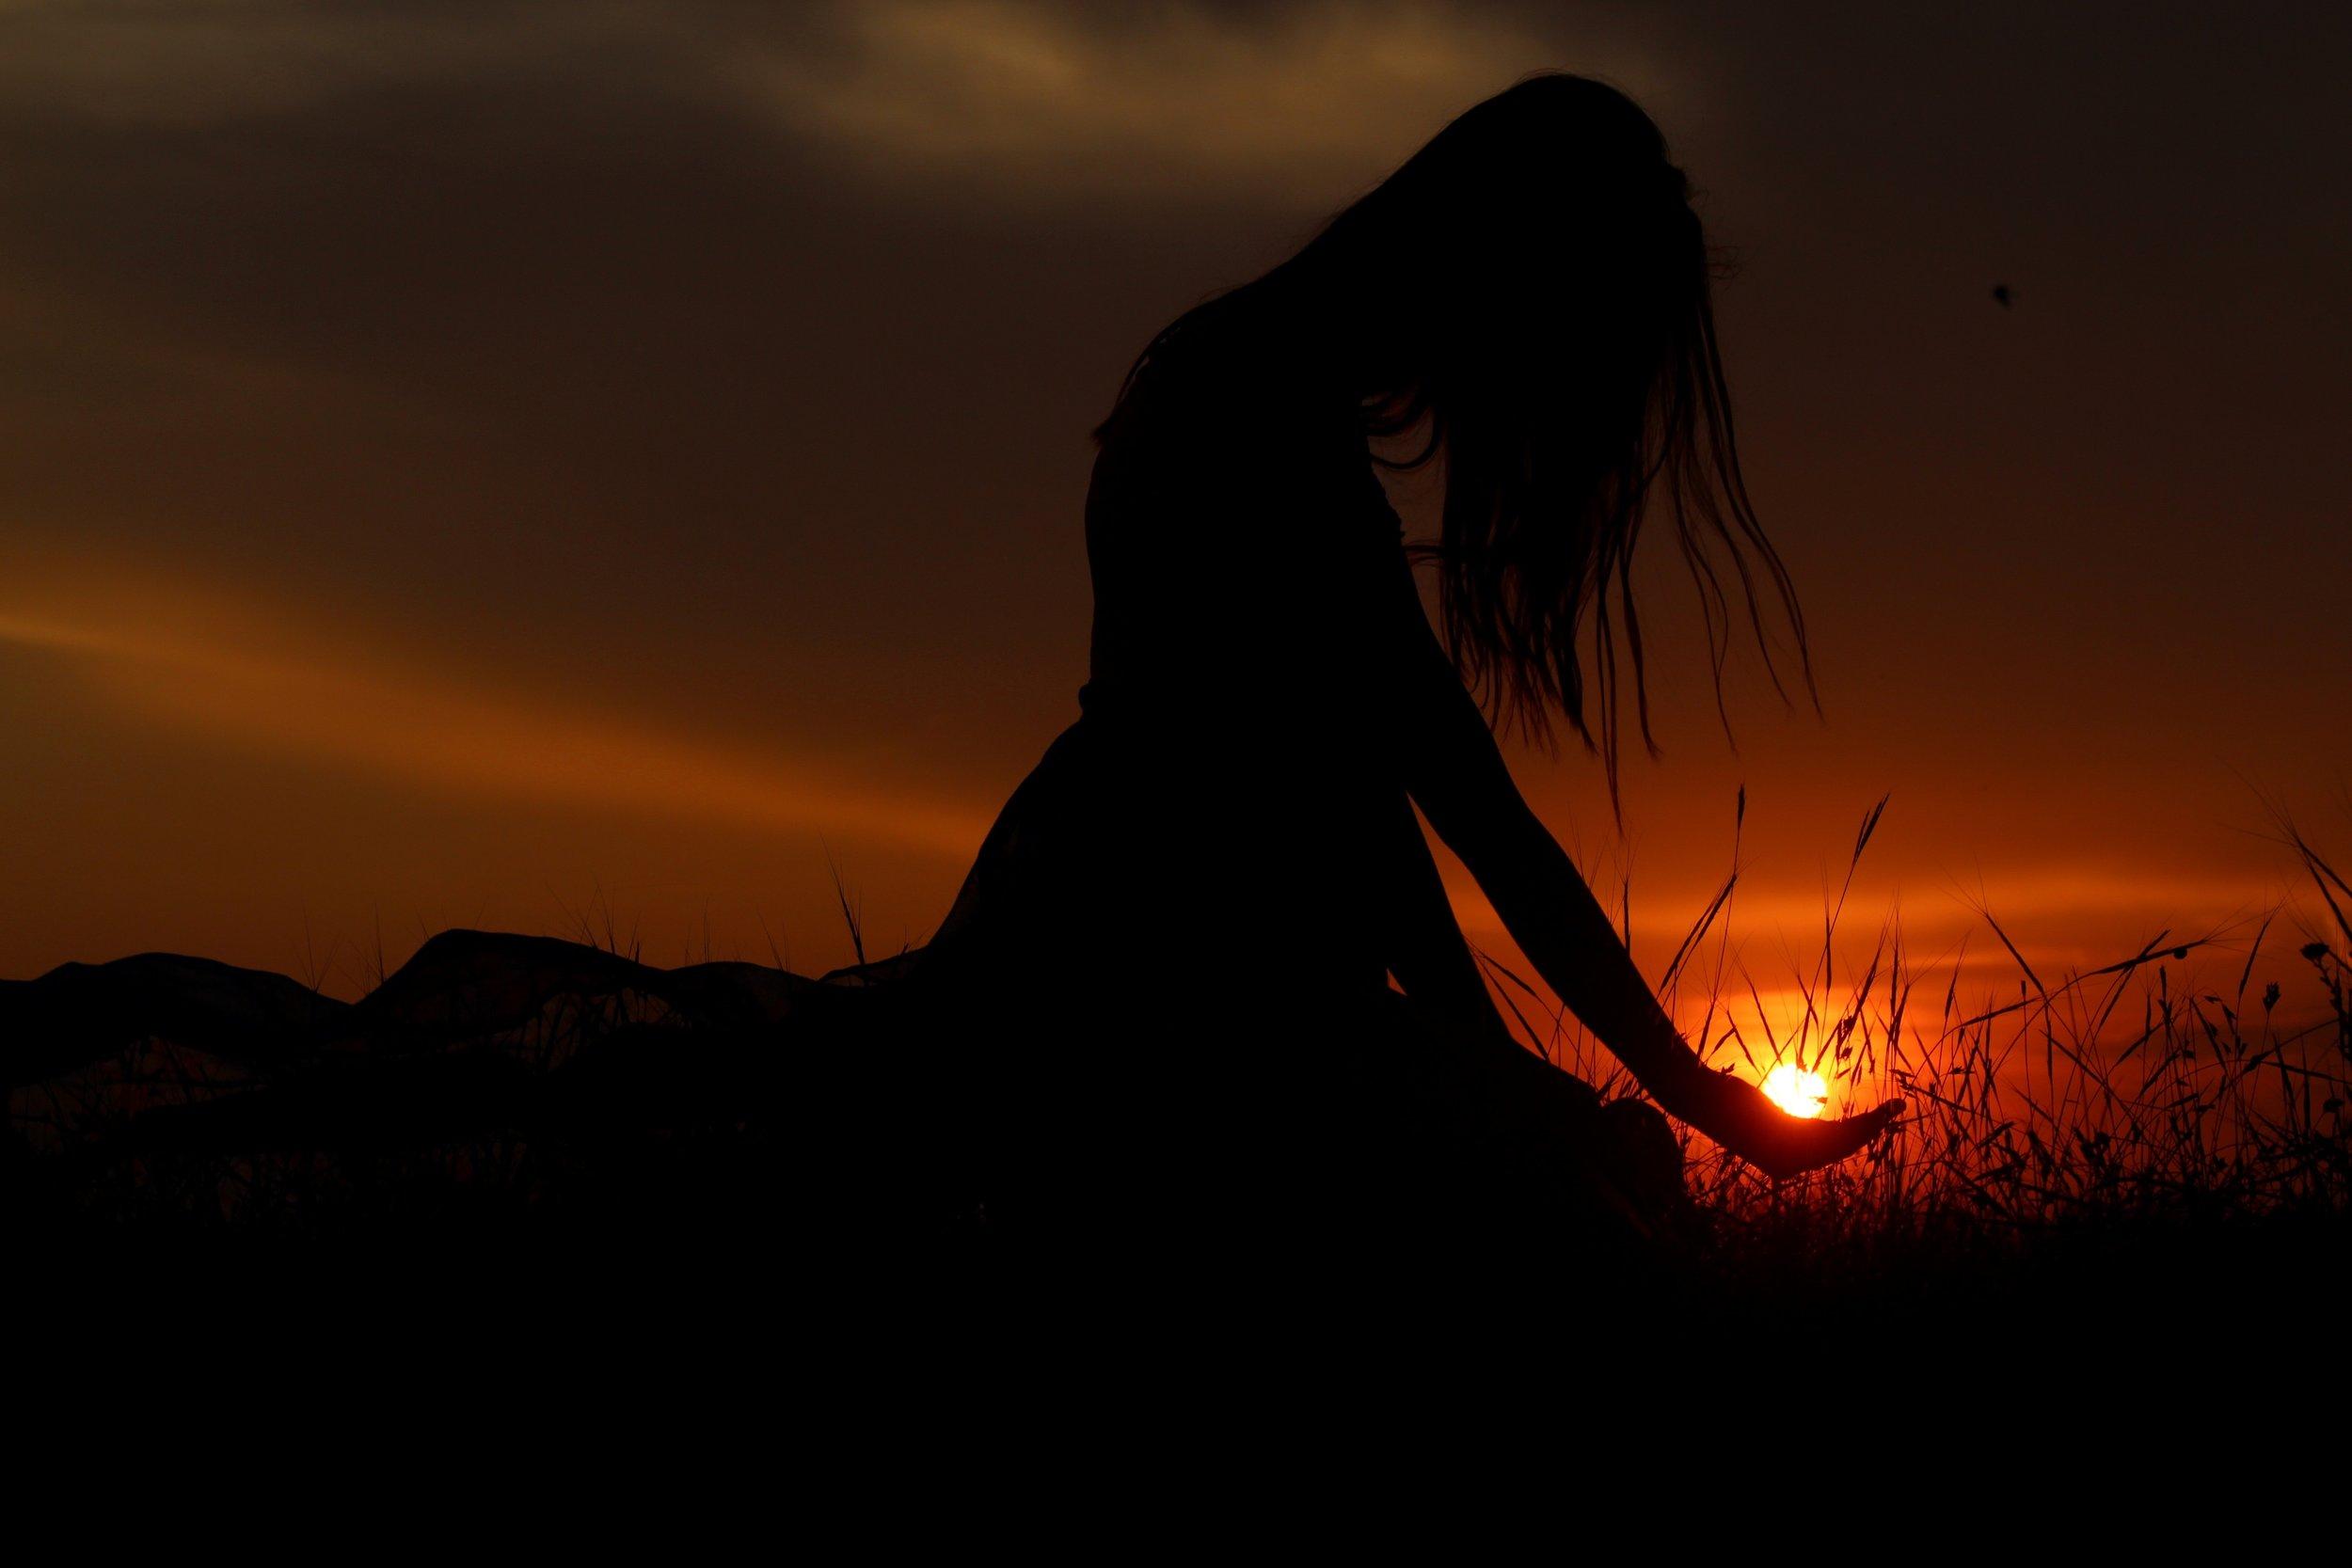 backlit-dark-dawn-532303.jpg